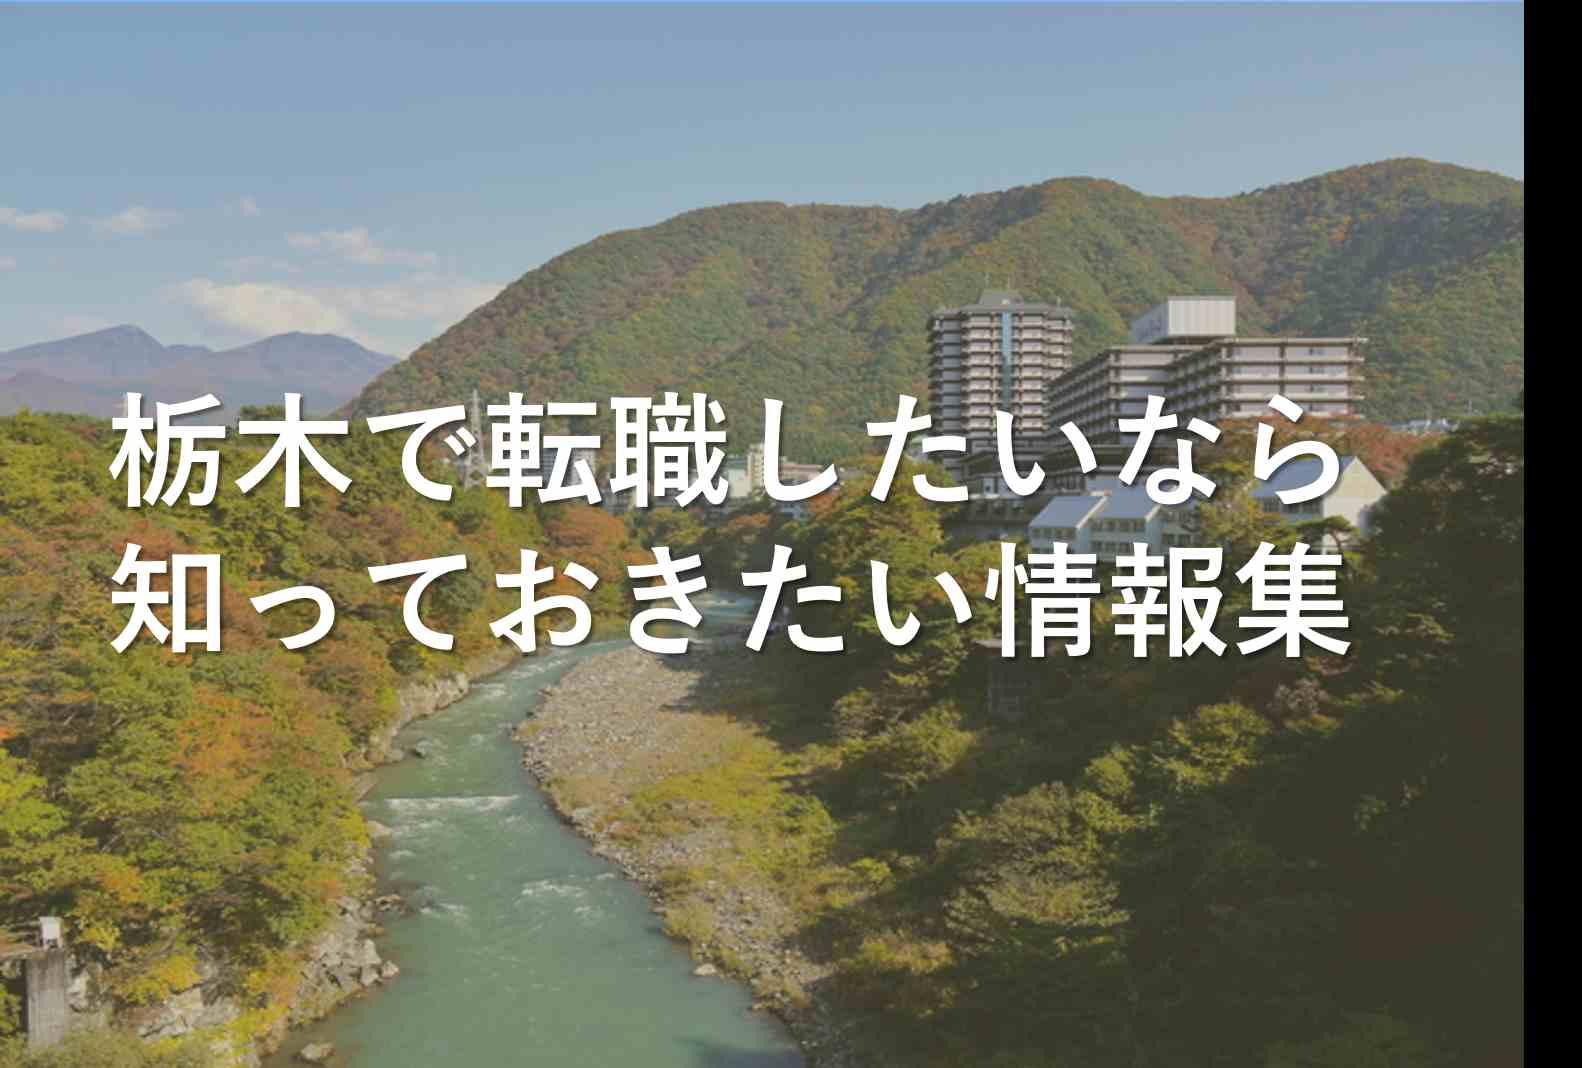 栃木への転職や移住に役立つアドバイス